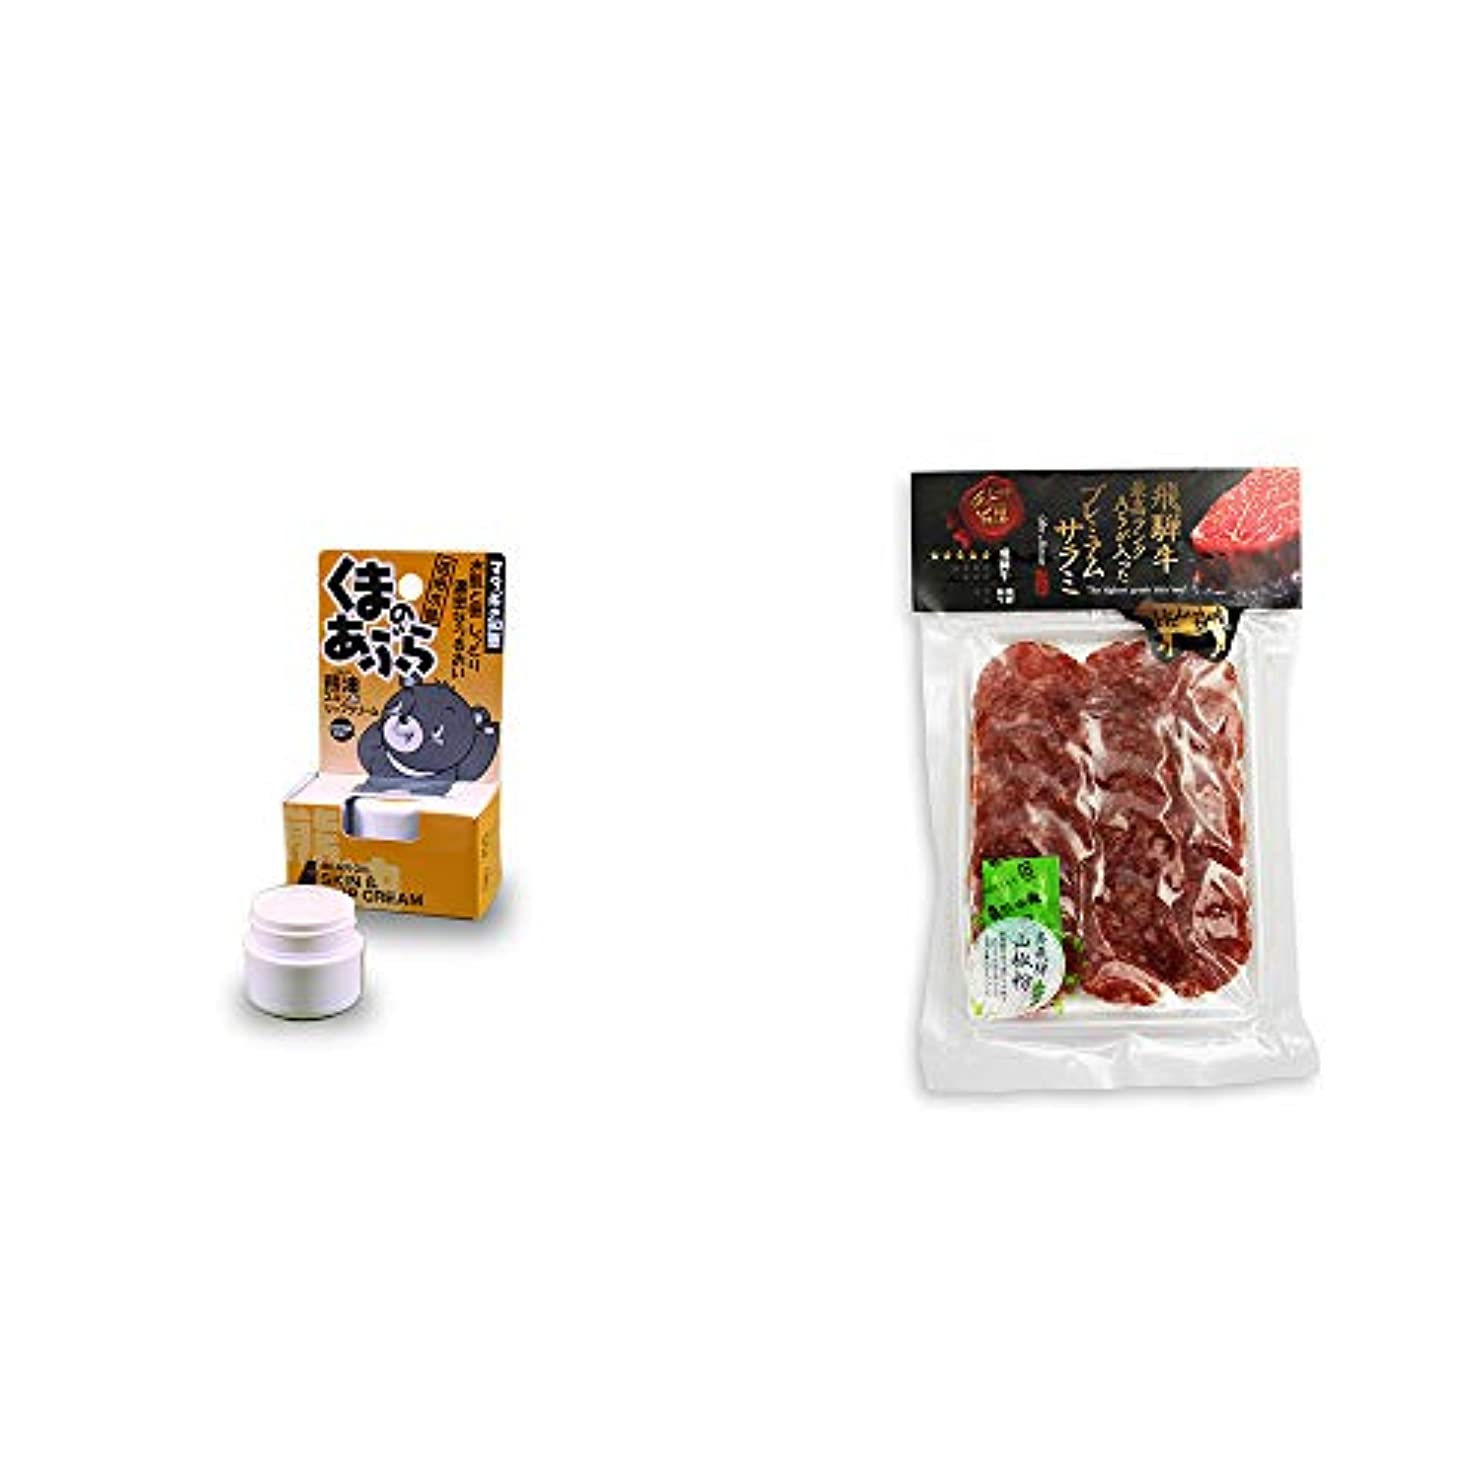 発疹推定ランデブー[2点セット] 信州木曽 くまのあぶら 熊油スキン&リップクリーム(9g)?最上等級A5クラス 飛騨牛プレミアムサラミ(90g)[飛騨山椒付き]